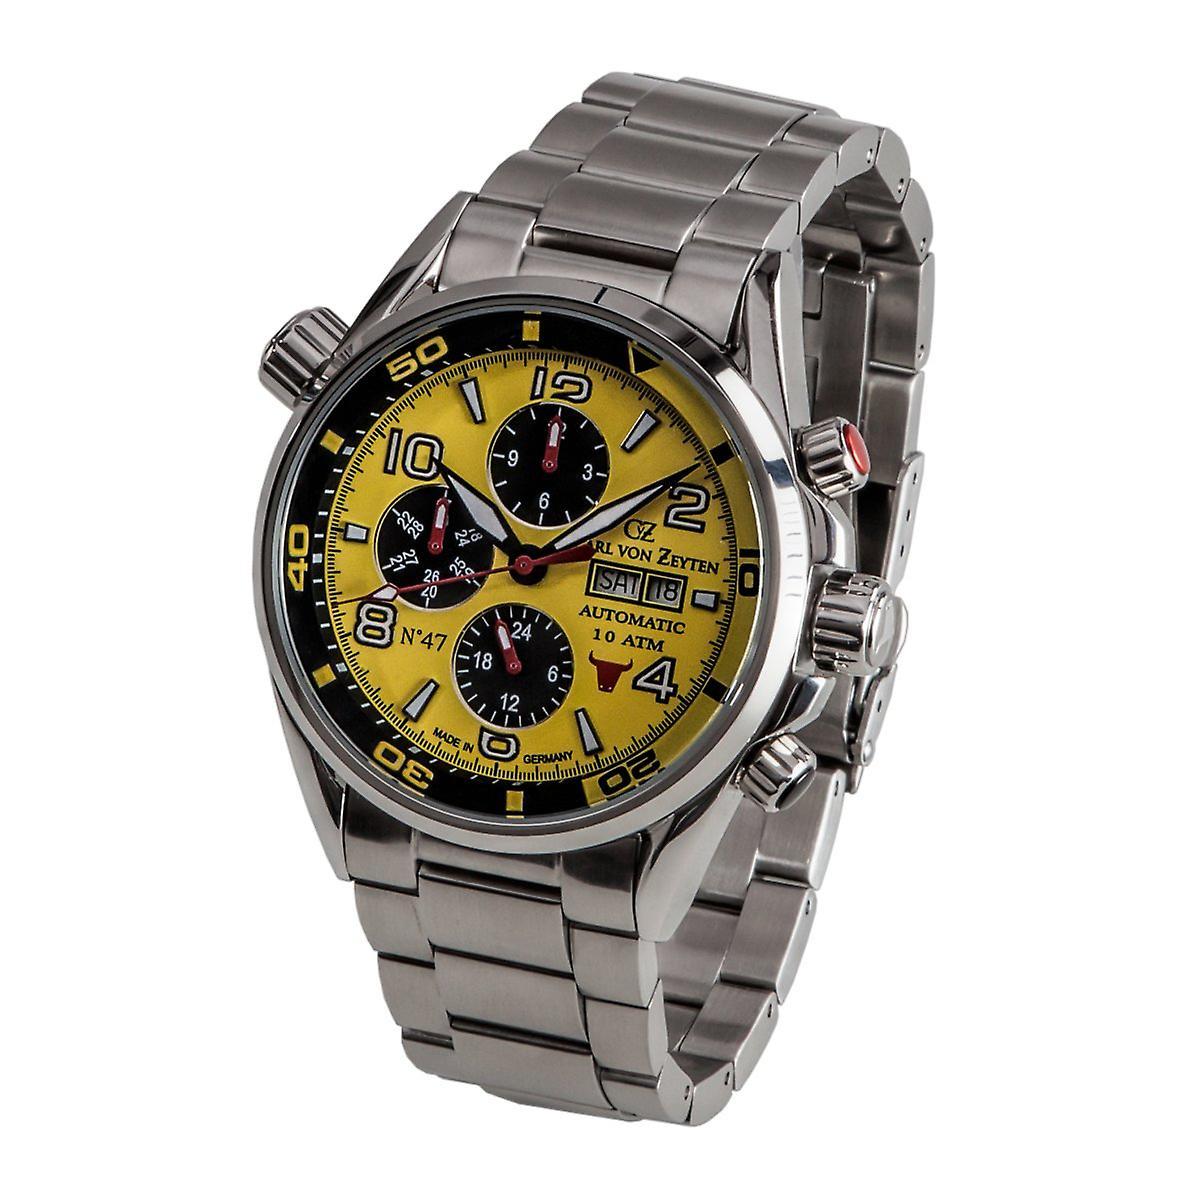 Zeyten Kijken Van Horloge Carl Cvz0047ylmb Automatische Mannen Nr47 ZlwOPXukiT